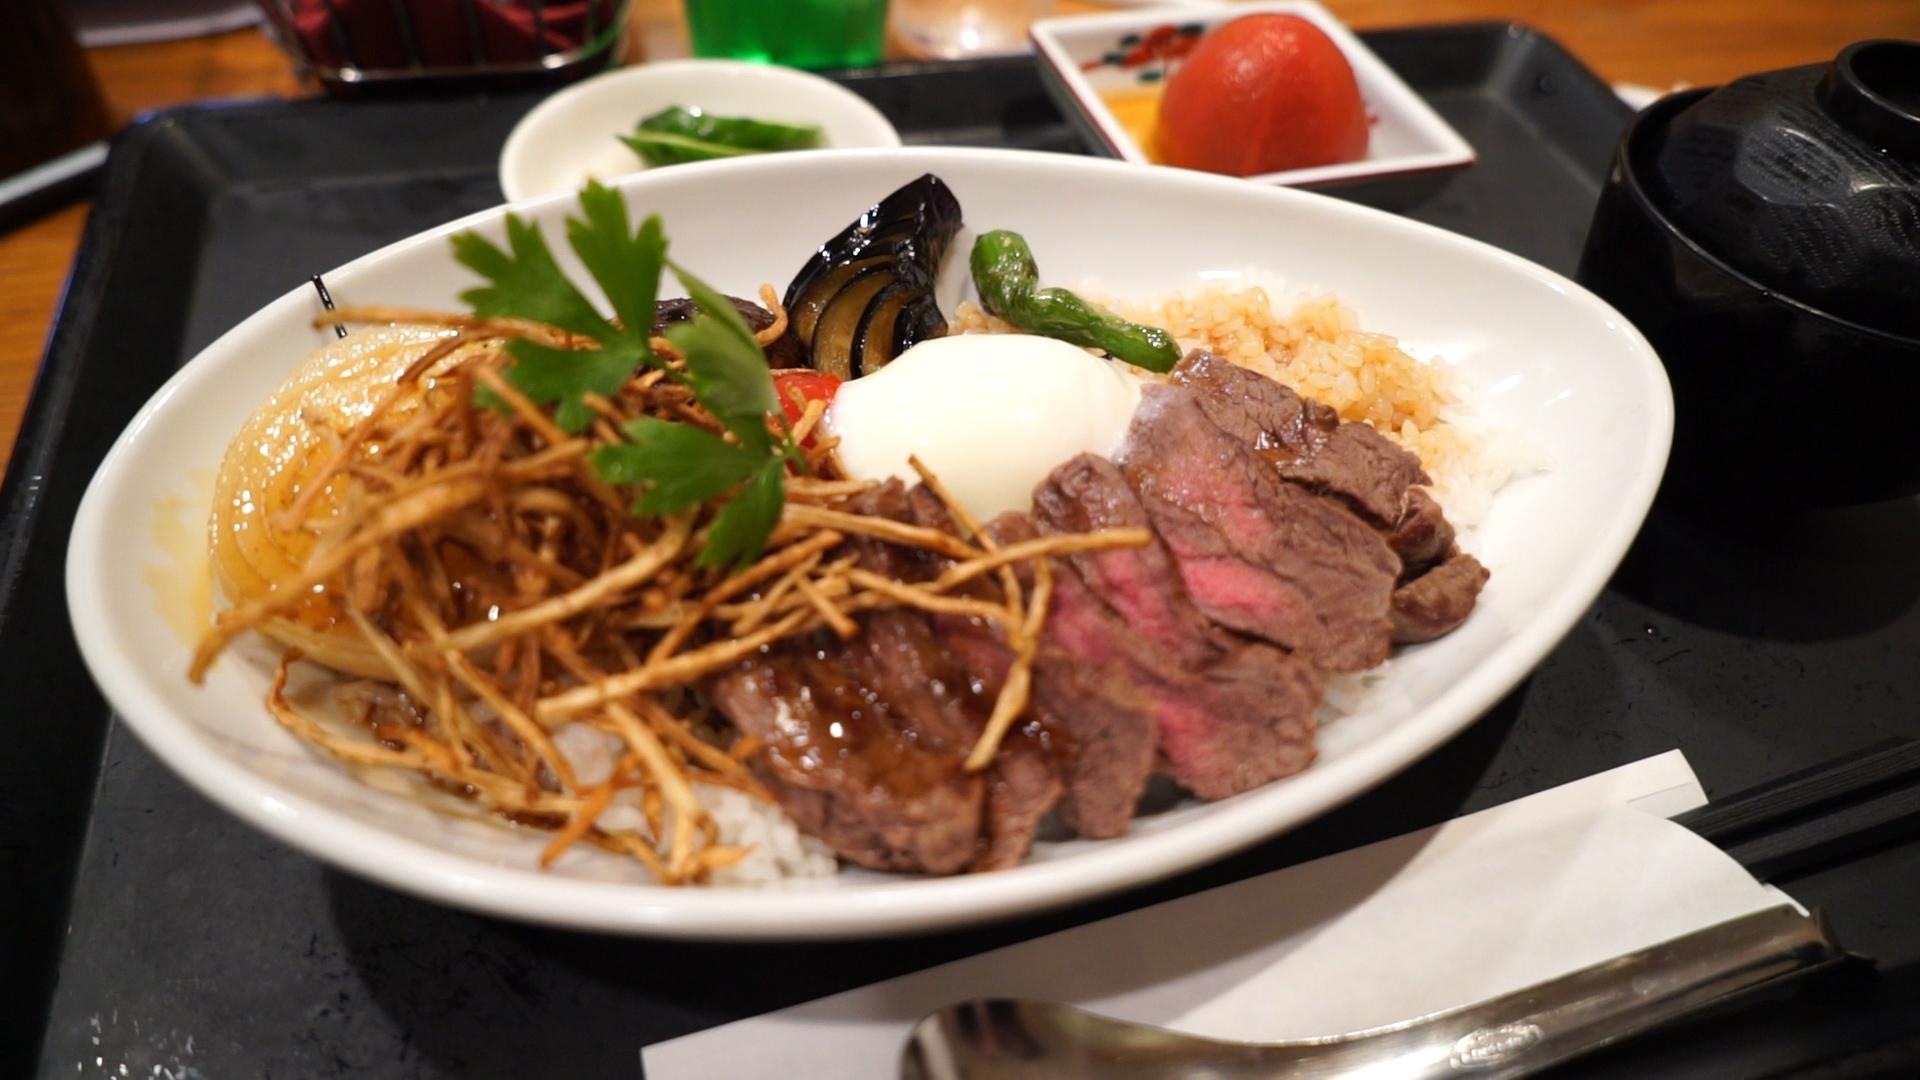 Japanese beef fillet